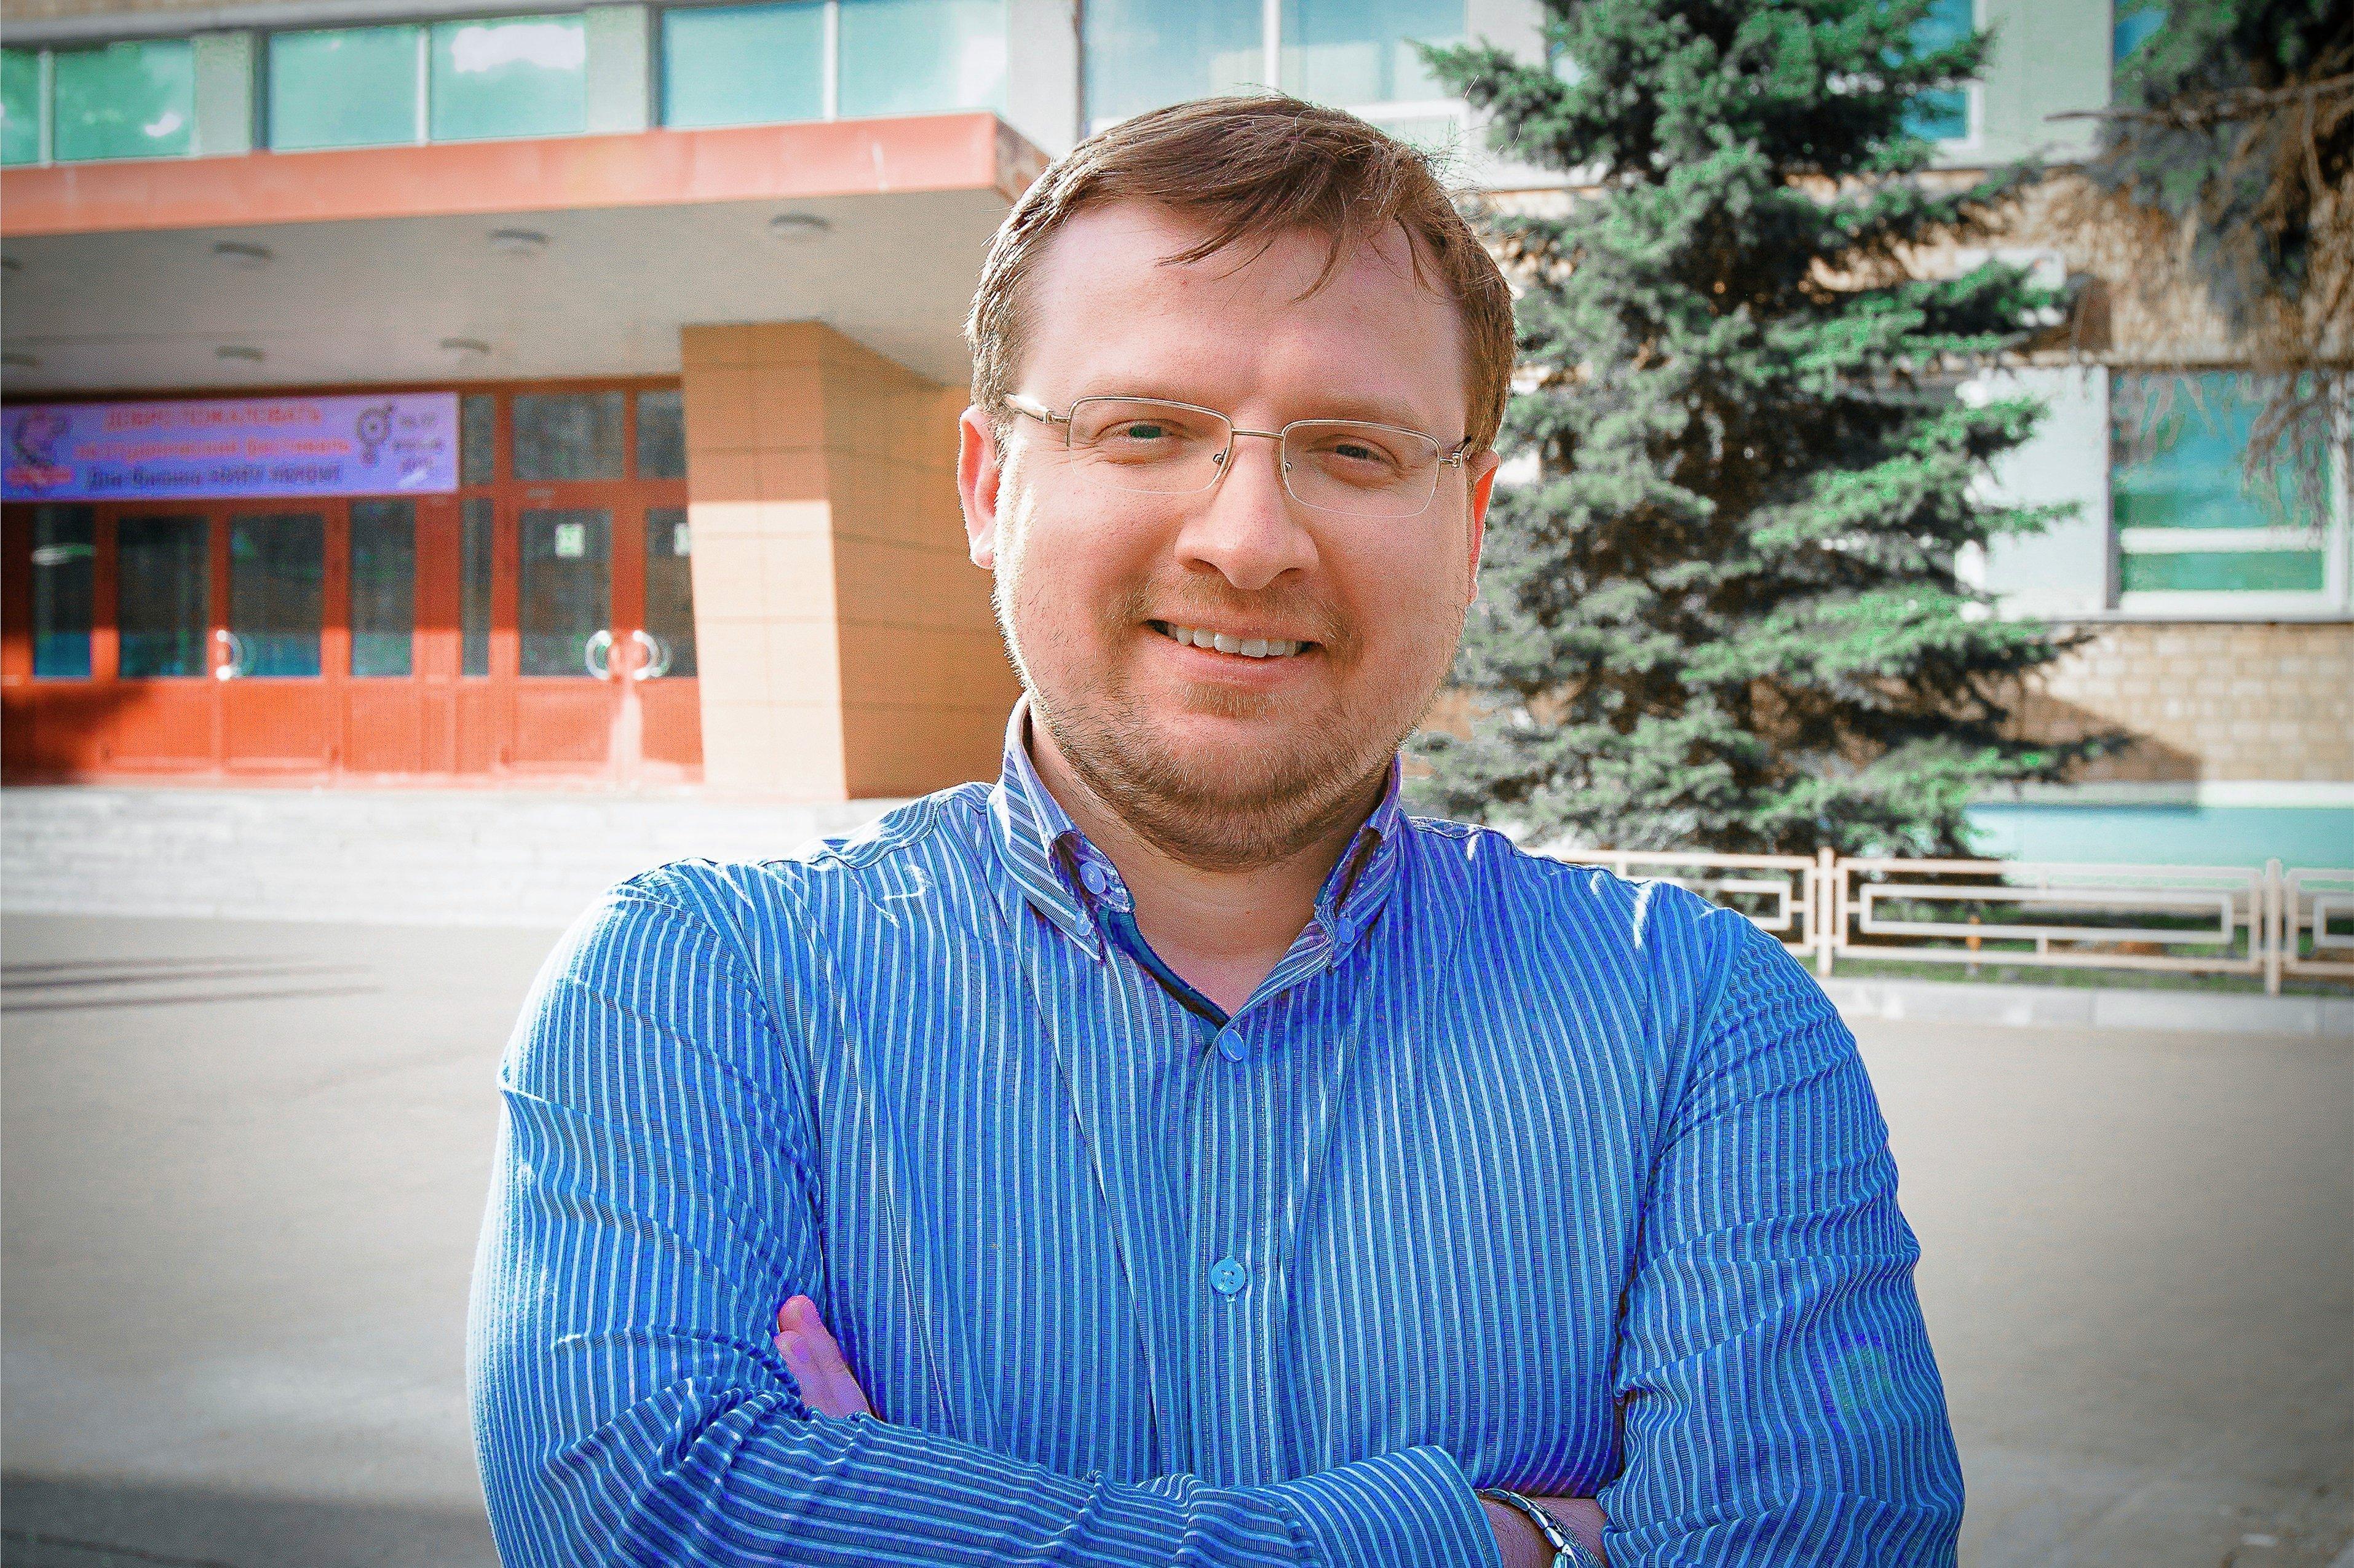 Piotr Borissiouk